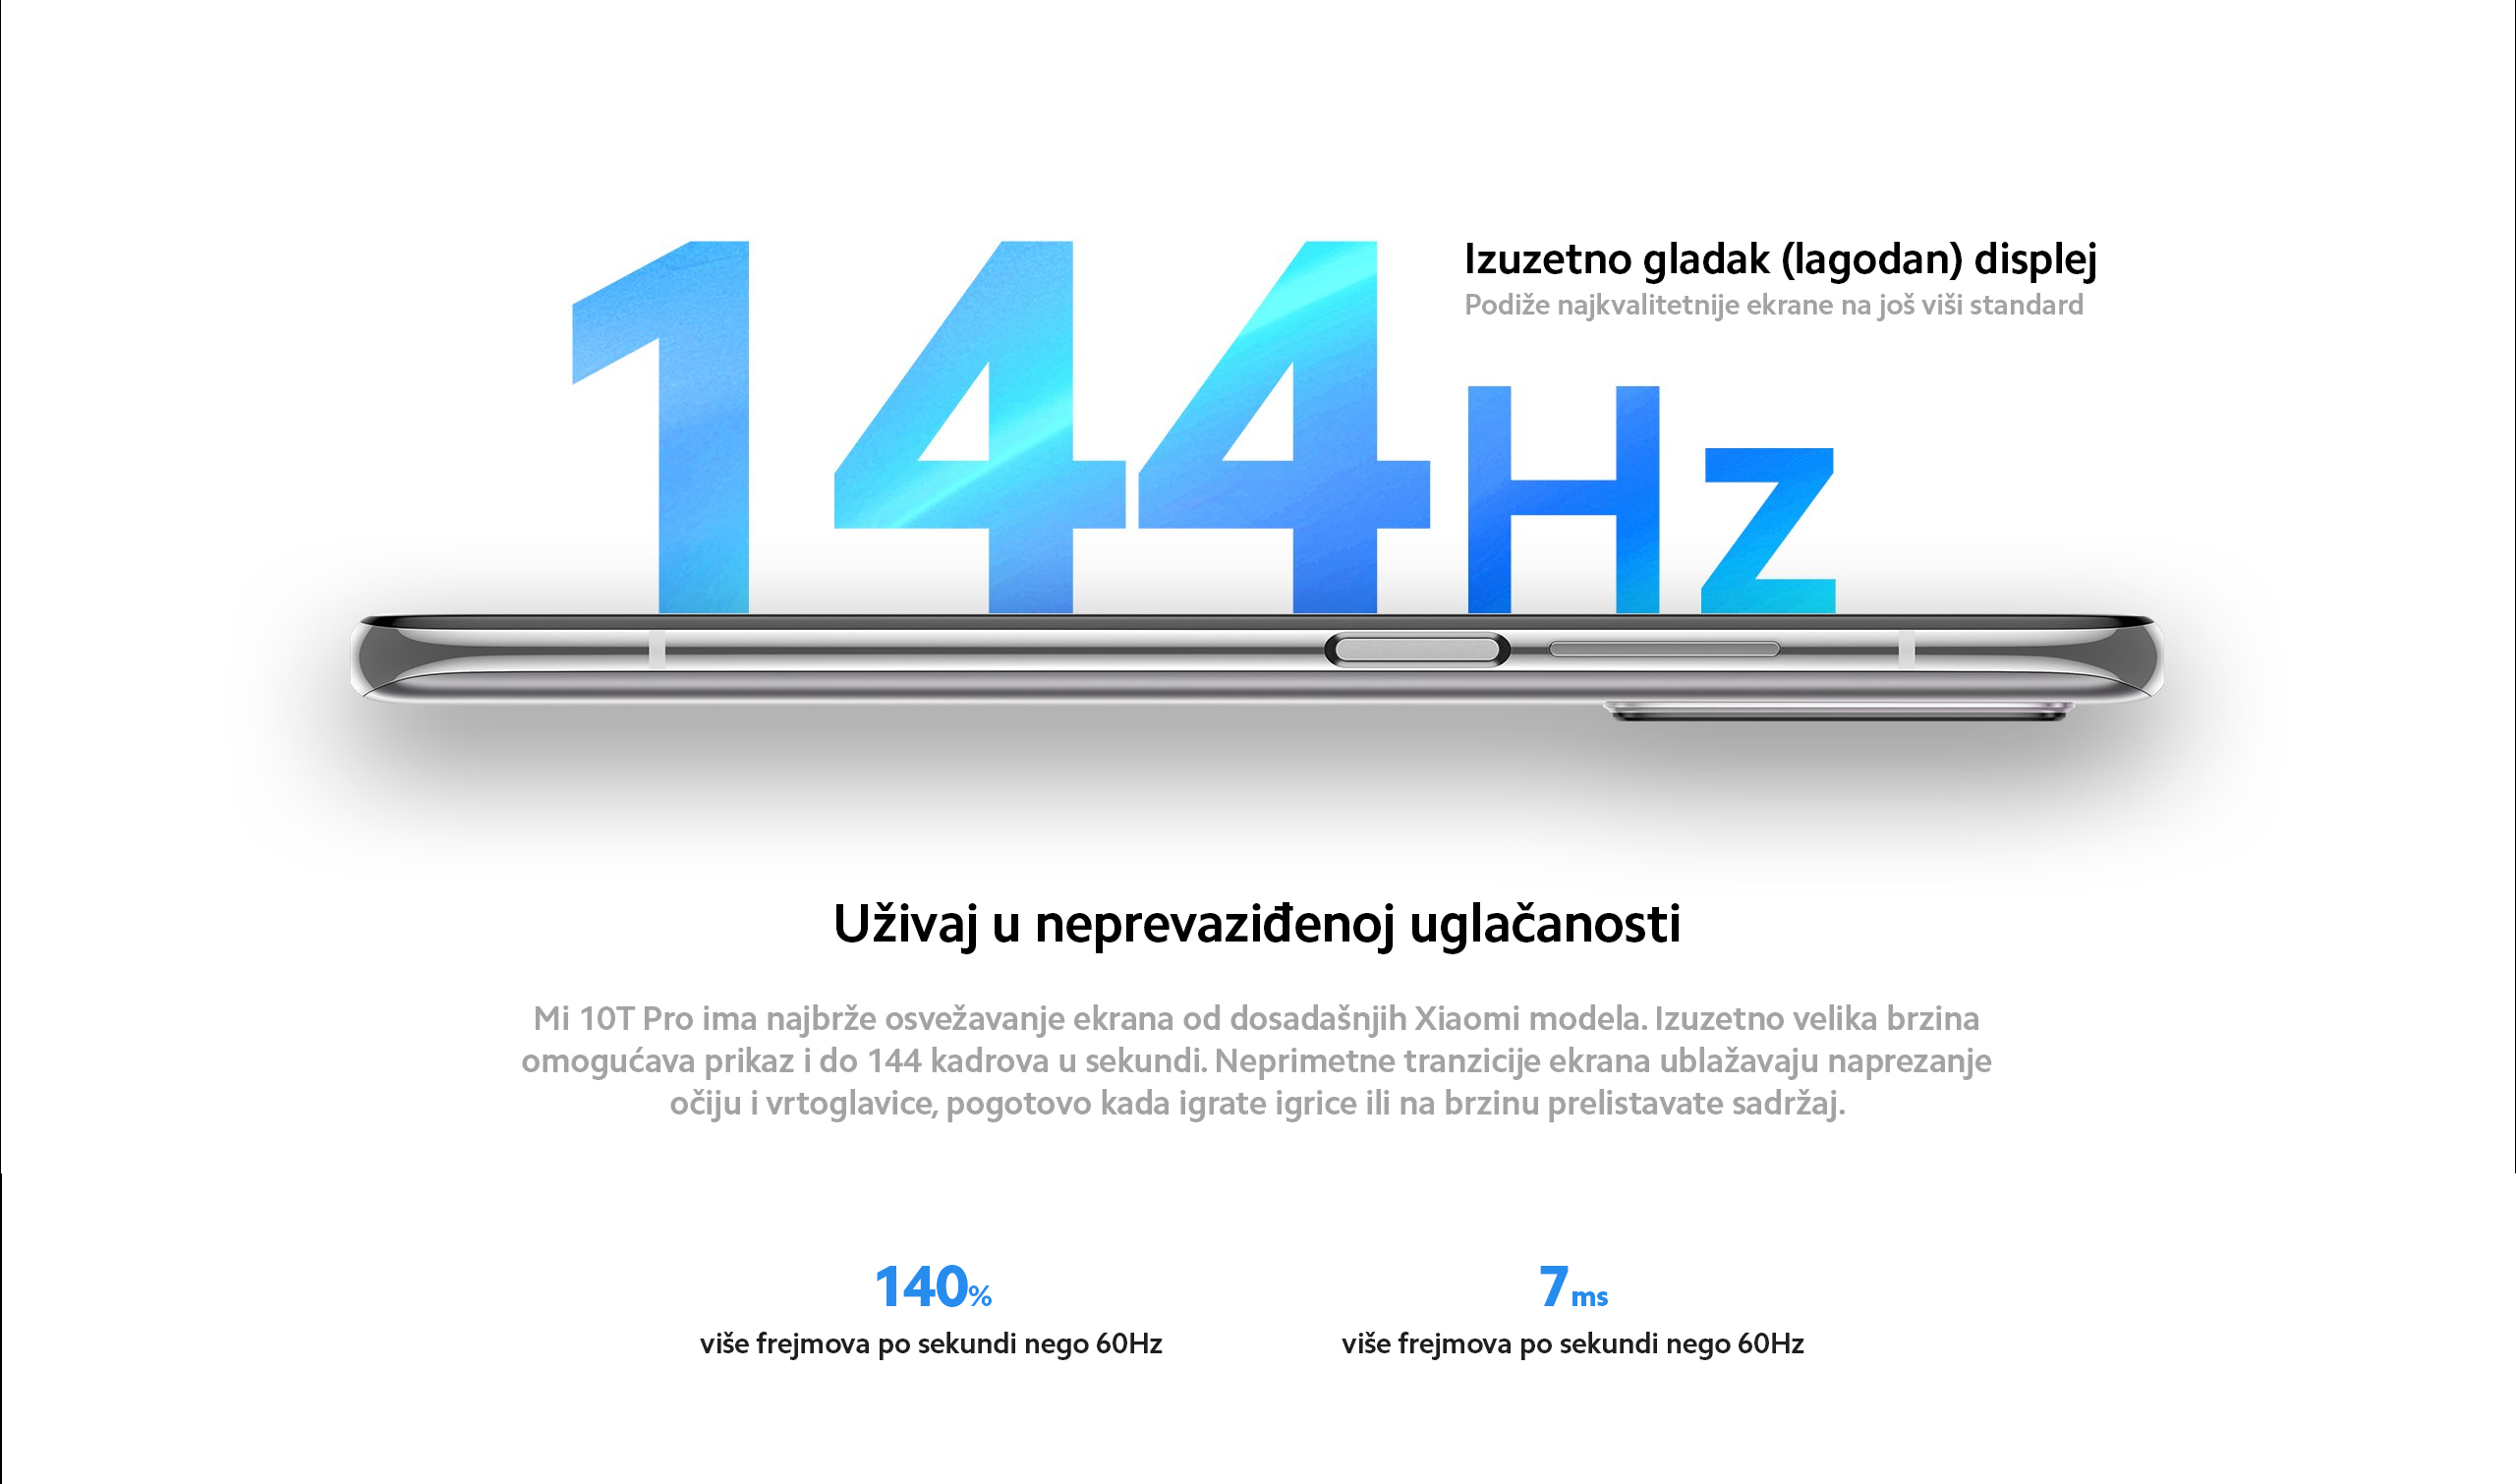 https://mi-srbija.rs/storage/media/2020/11/5/60996dc6-8eb1-4307-ae83-1c6582f5899c.jpg